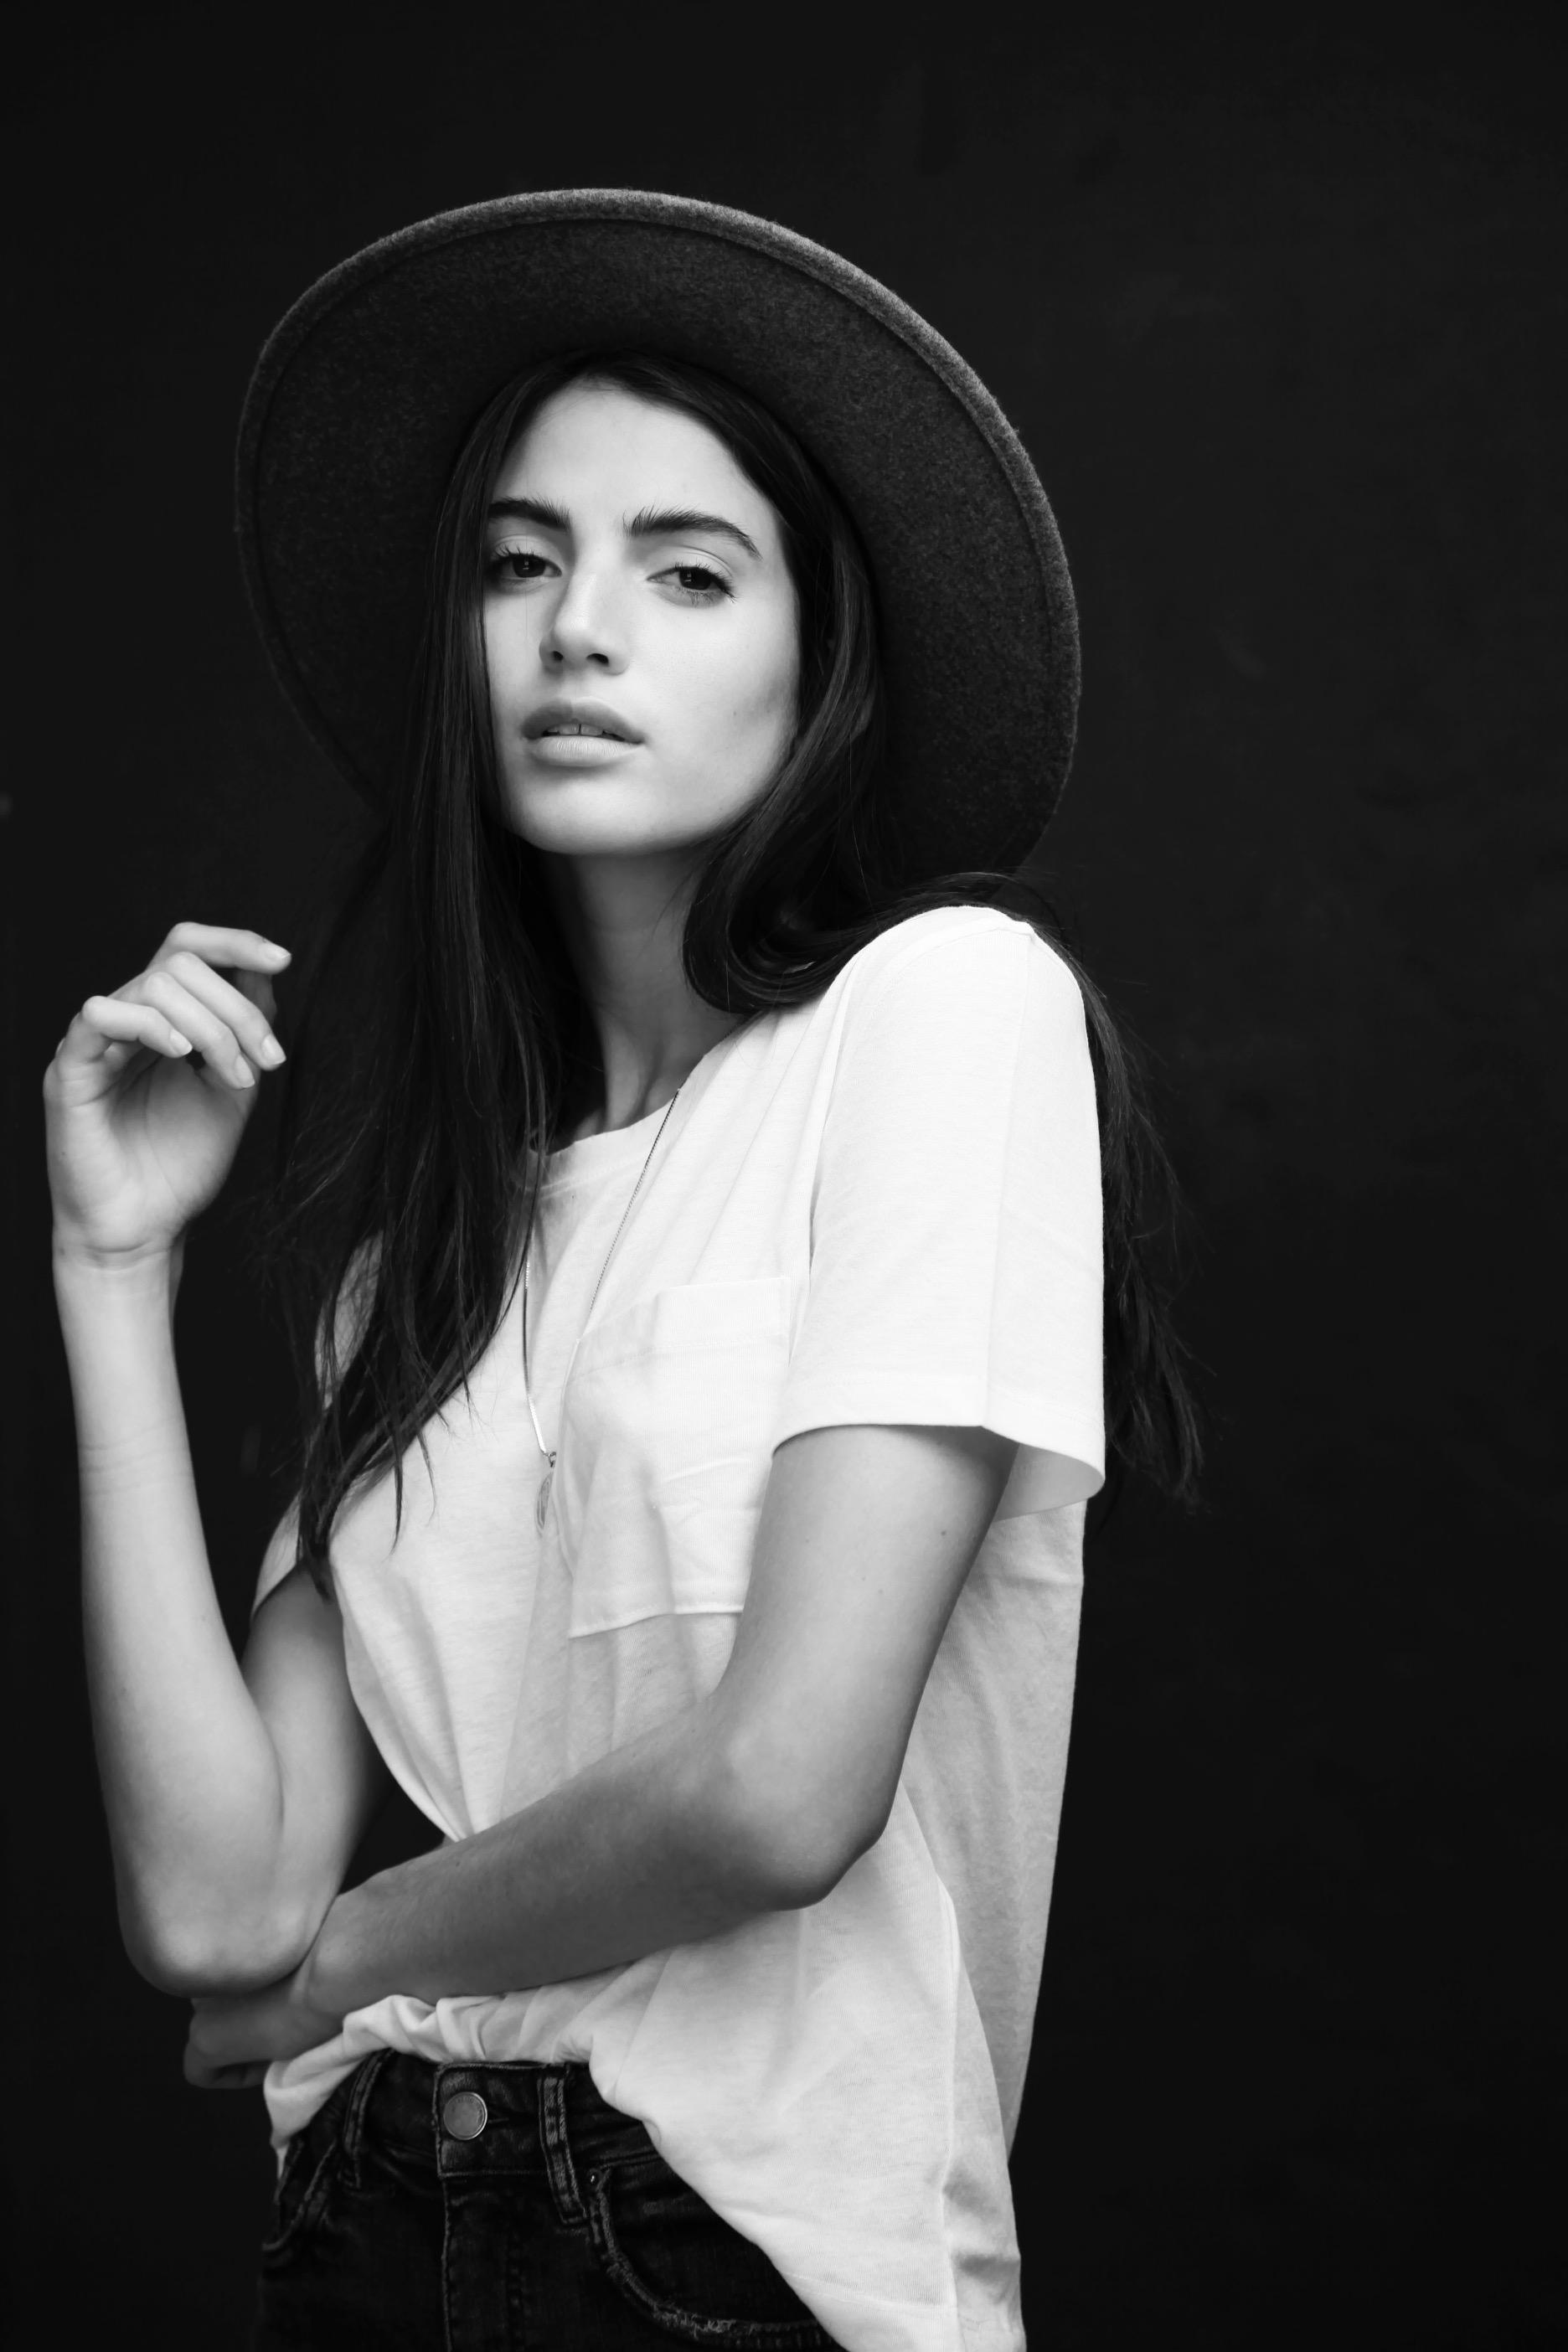 Editorial Chill w/ model Rafa Consentino @rafa_consentino